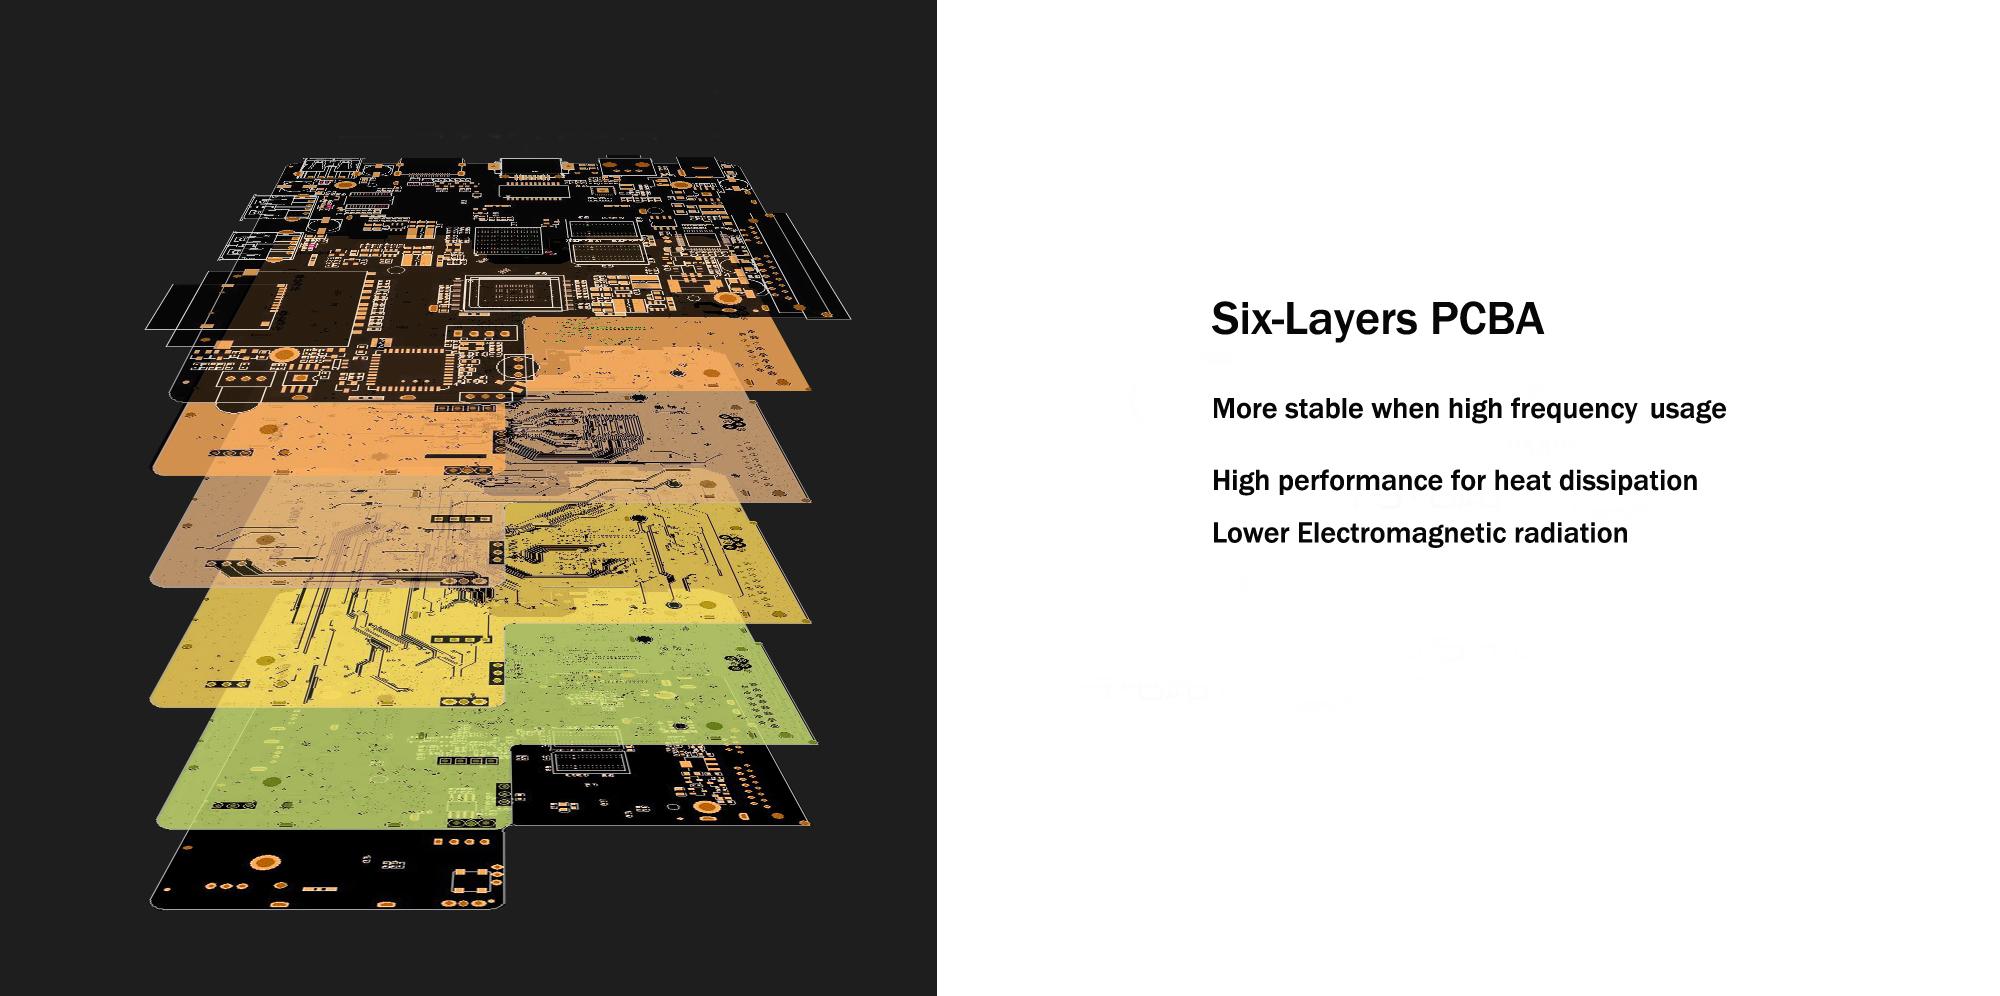 six layers PCBA